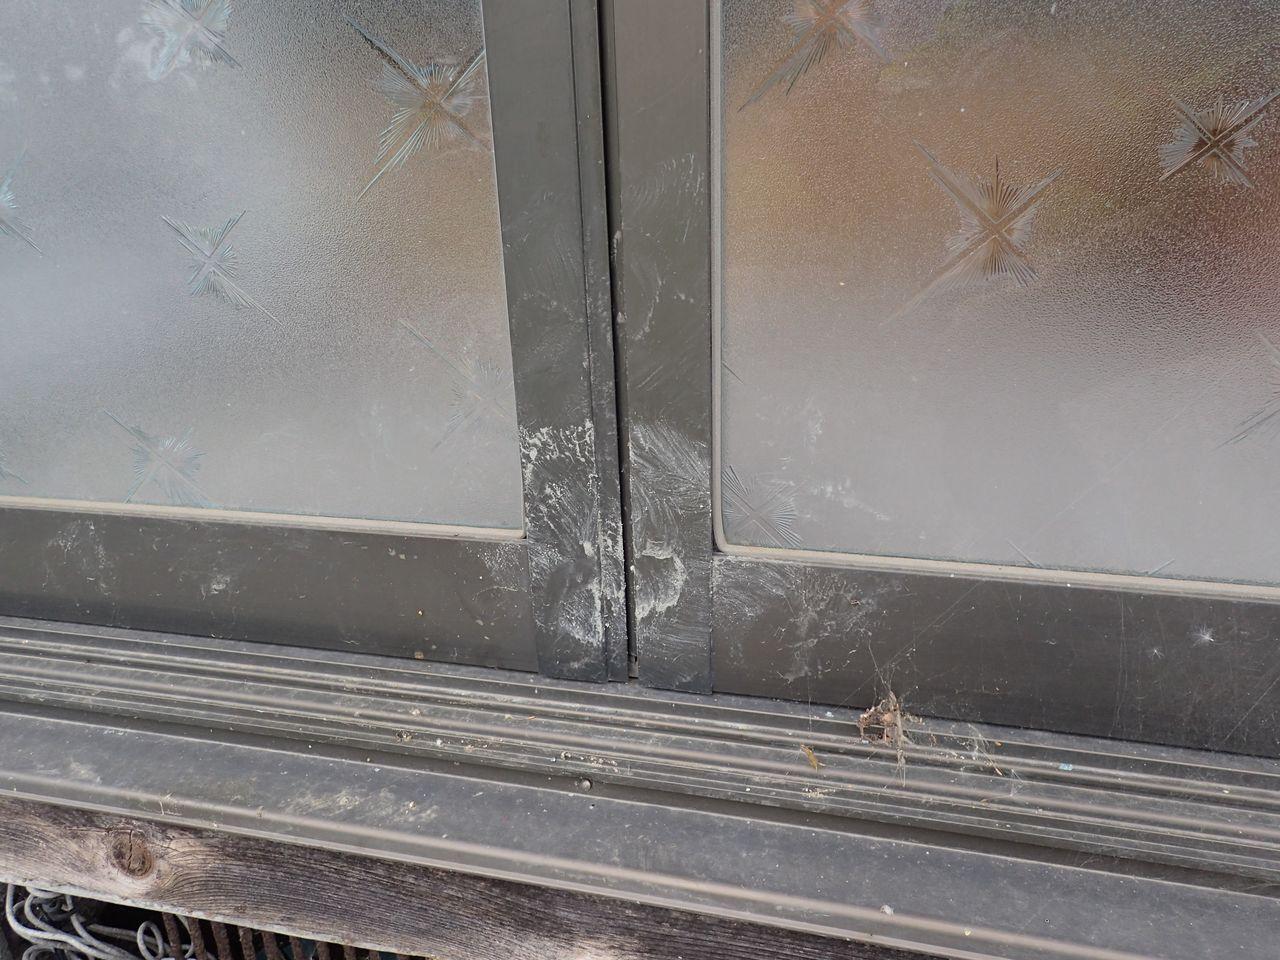 Следы пятачка кабана на оконной раме. Кабан пытался сдвинуть створку вправо, чтобы открыть окно. Май 2017 года, префектура Фукусима (фото автора)